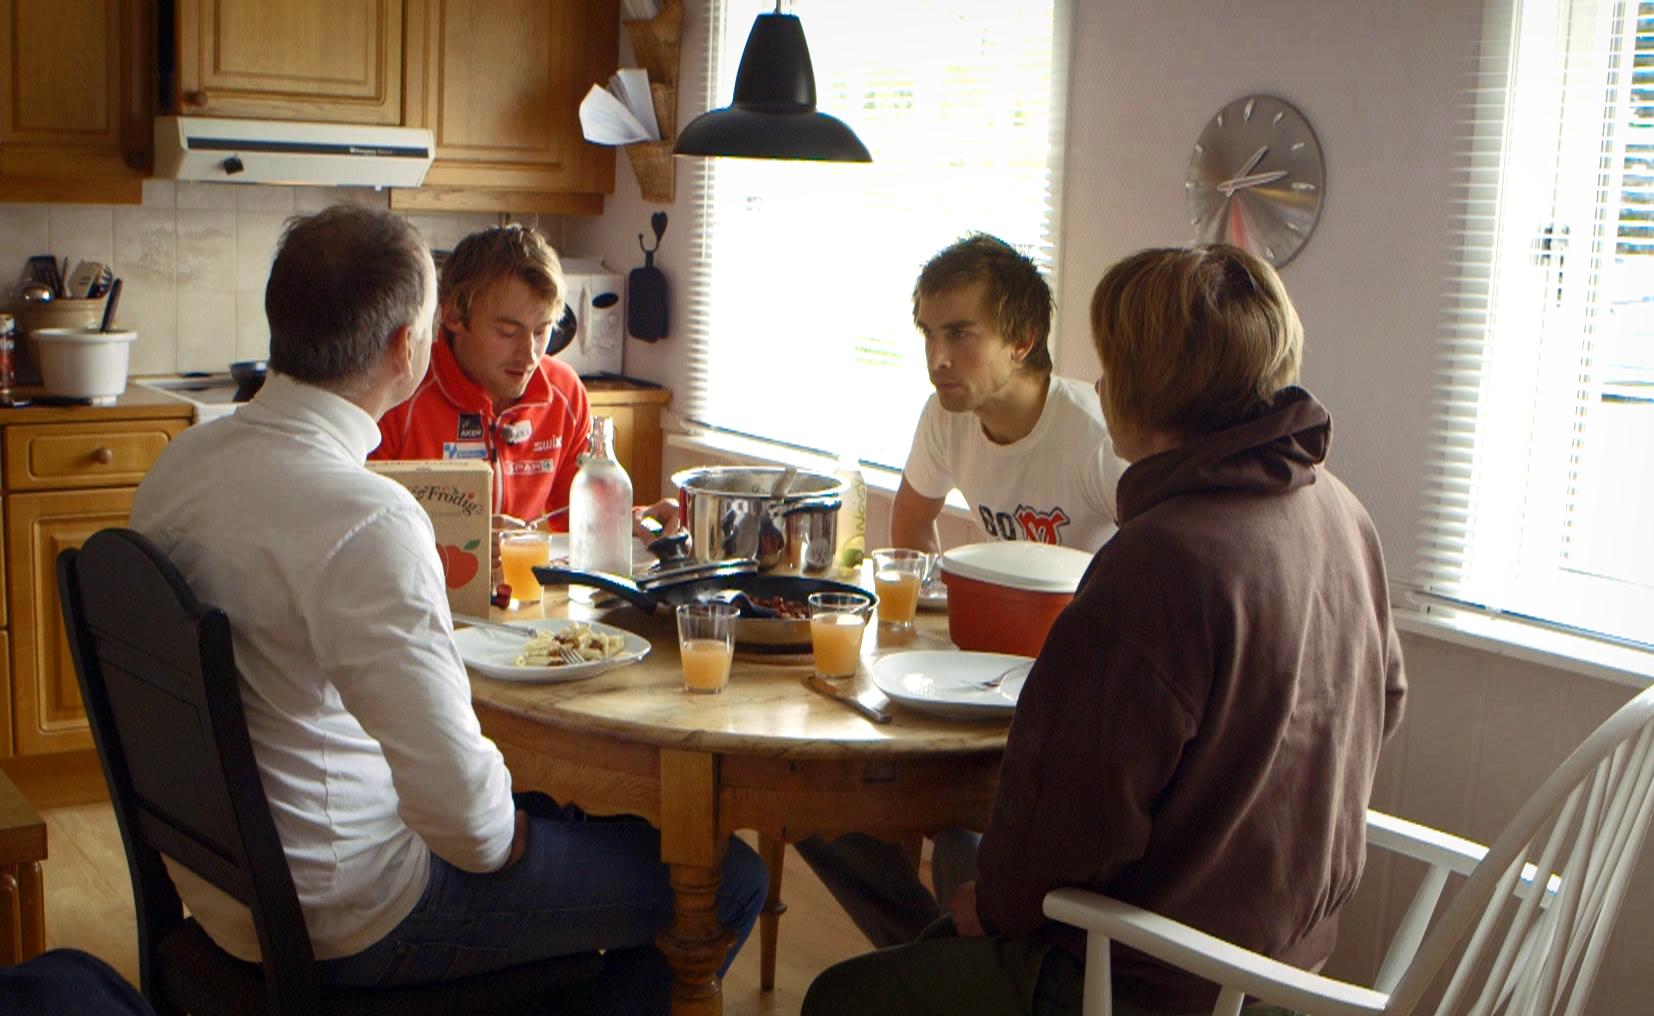 Sirkus Northug Familiemiddag Johan Olsson Petter